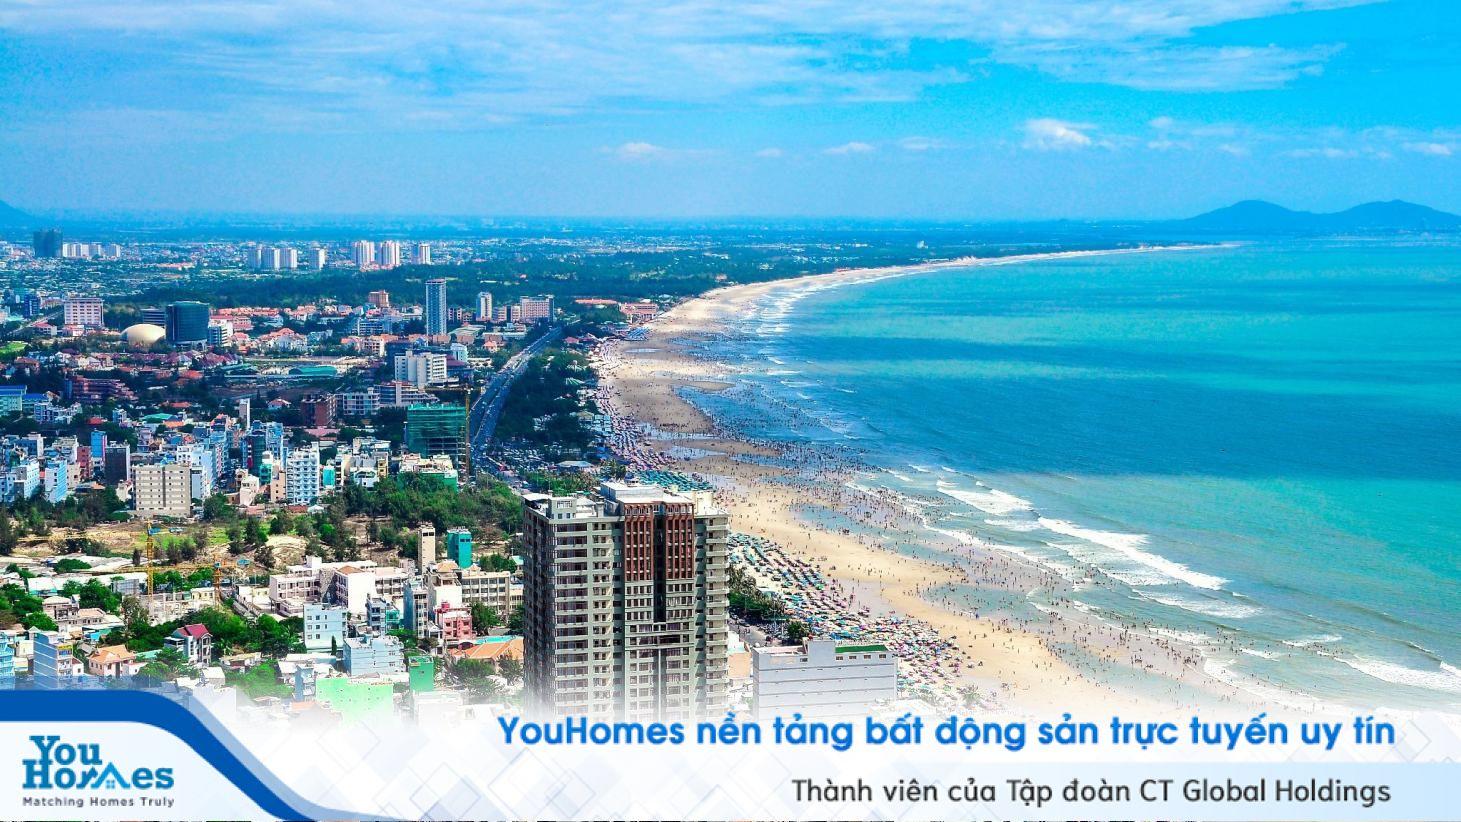 Vũng Tàu: Điểm nóng mới trên thị trường BĐS